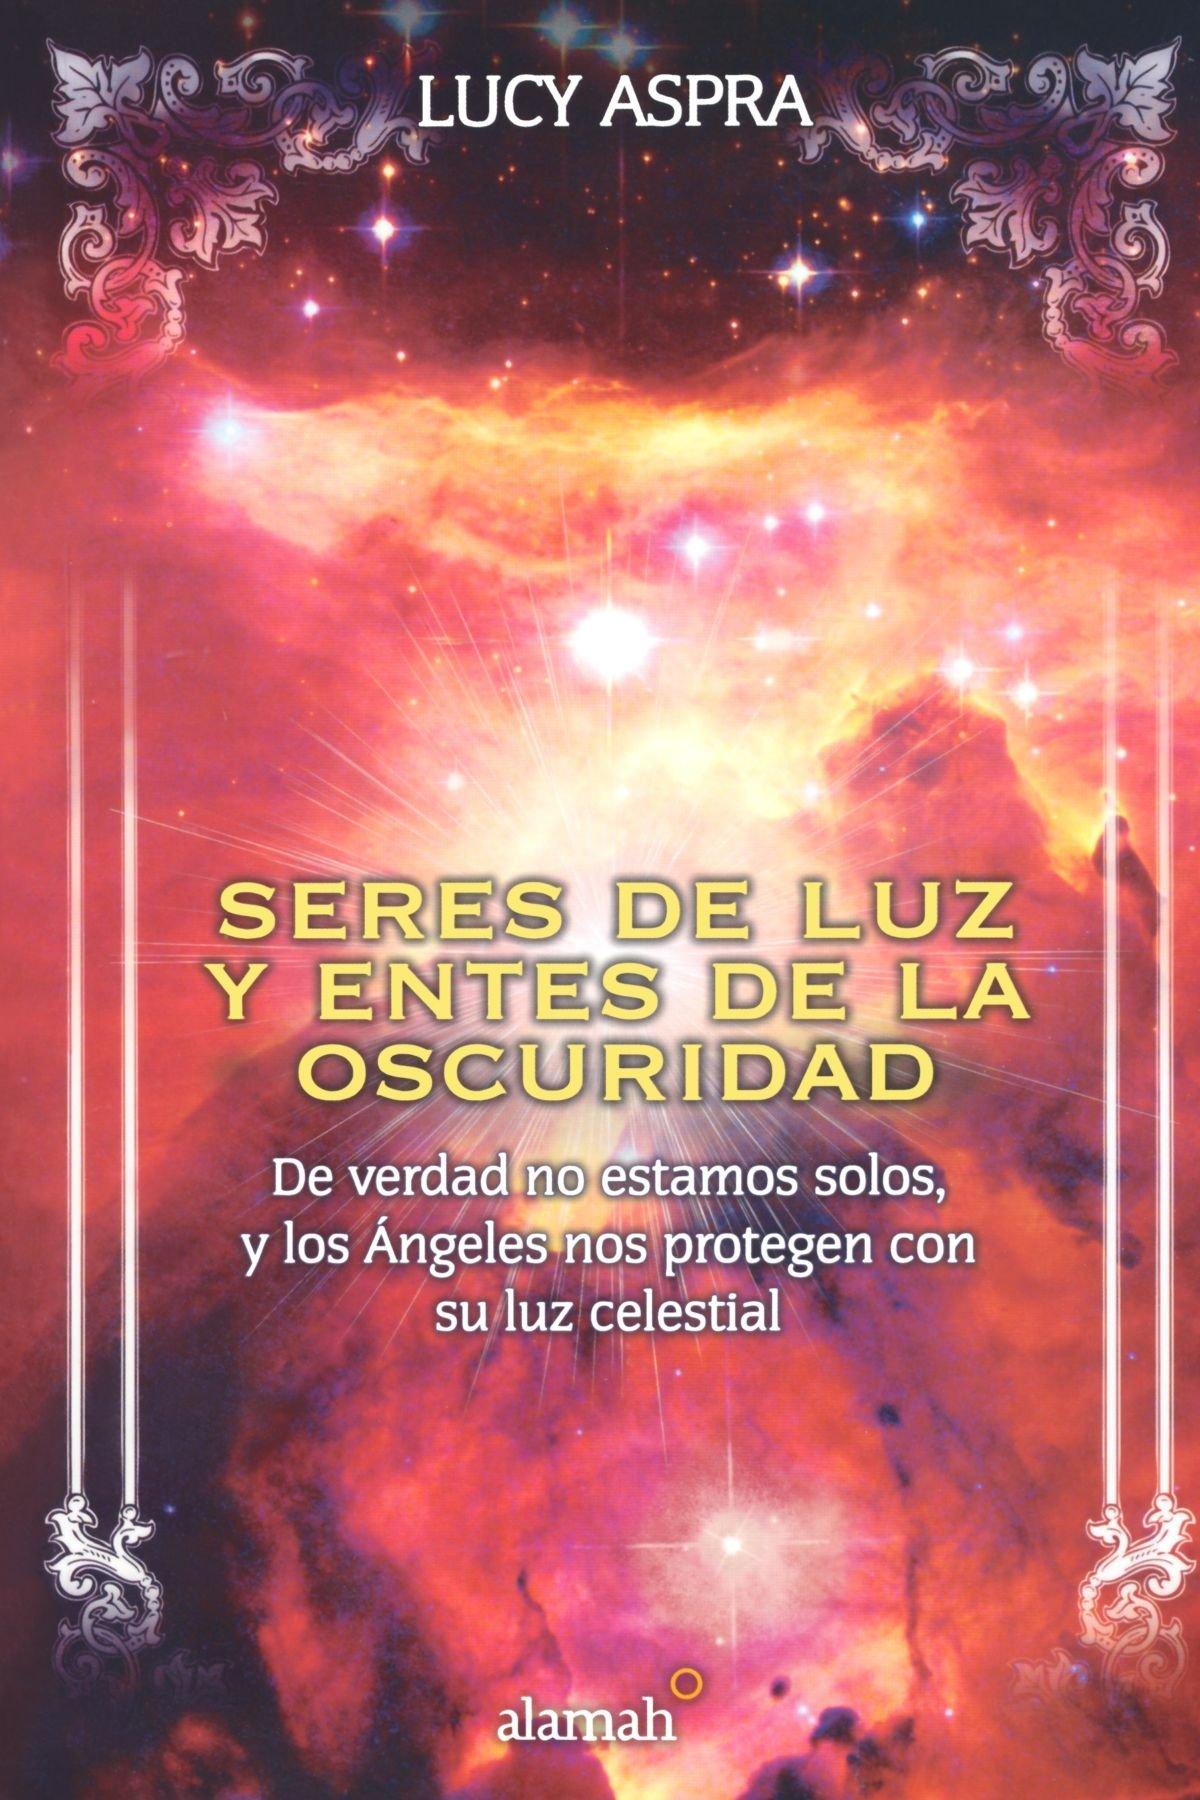 Seres de luz y entes de la oscuridad (Spanish Edition) PDF